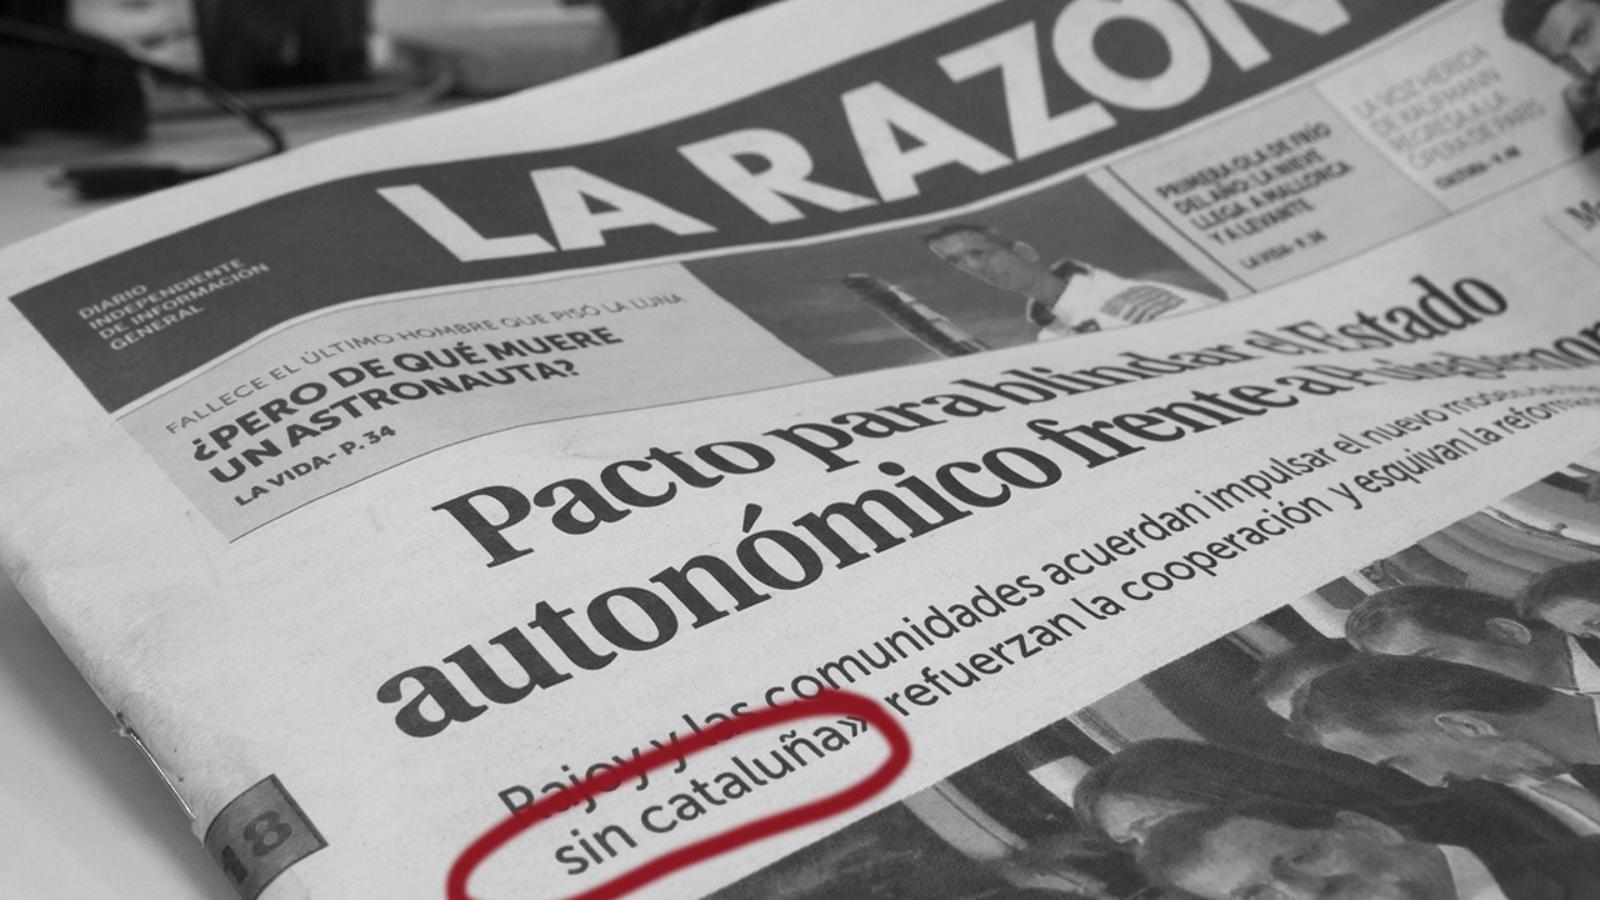 L'anàlisi d'Antoni Bassas: 'Catalunya en minúscula'